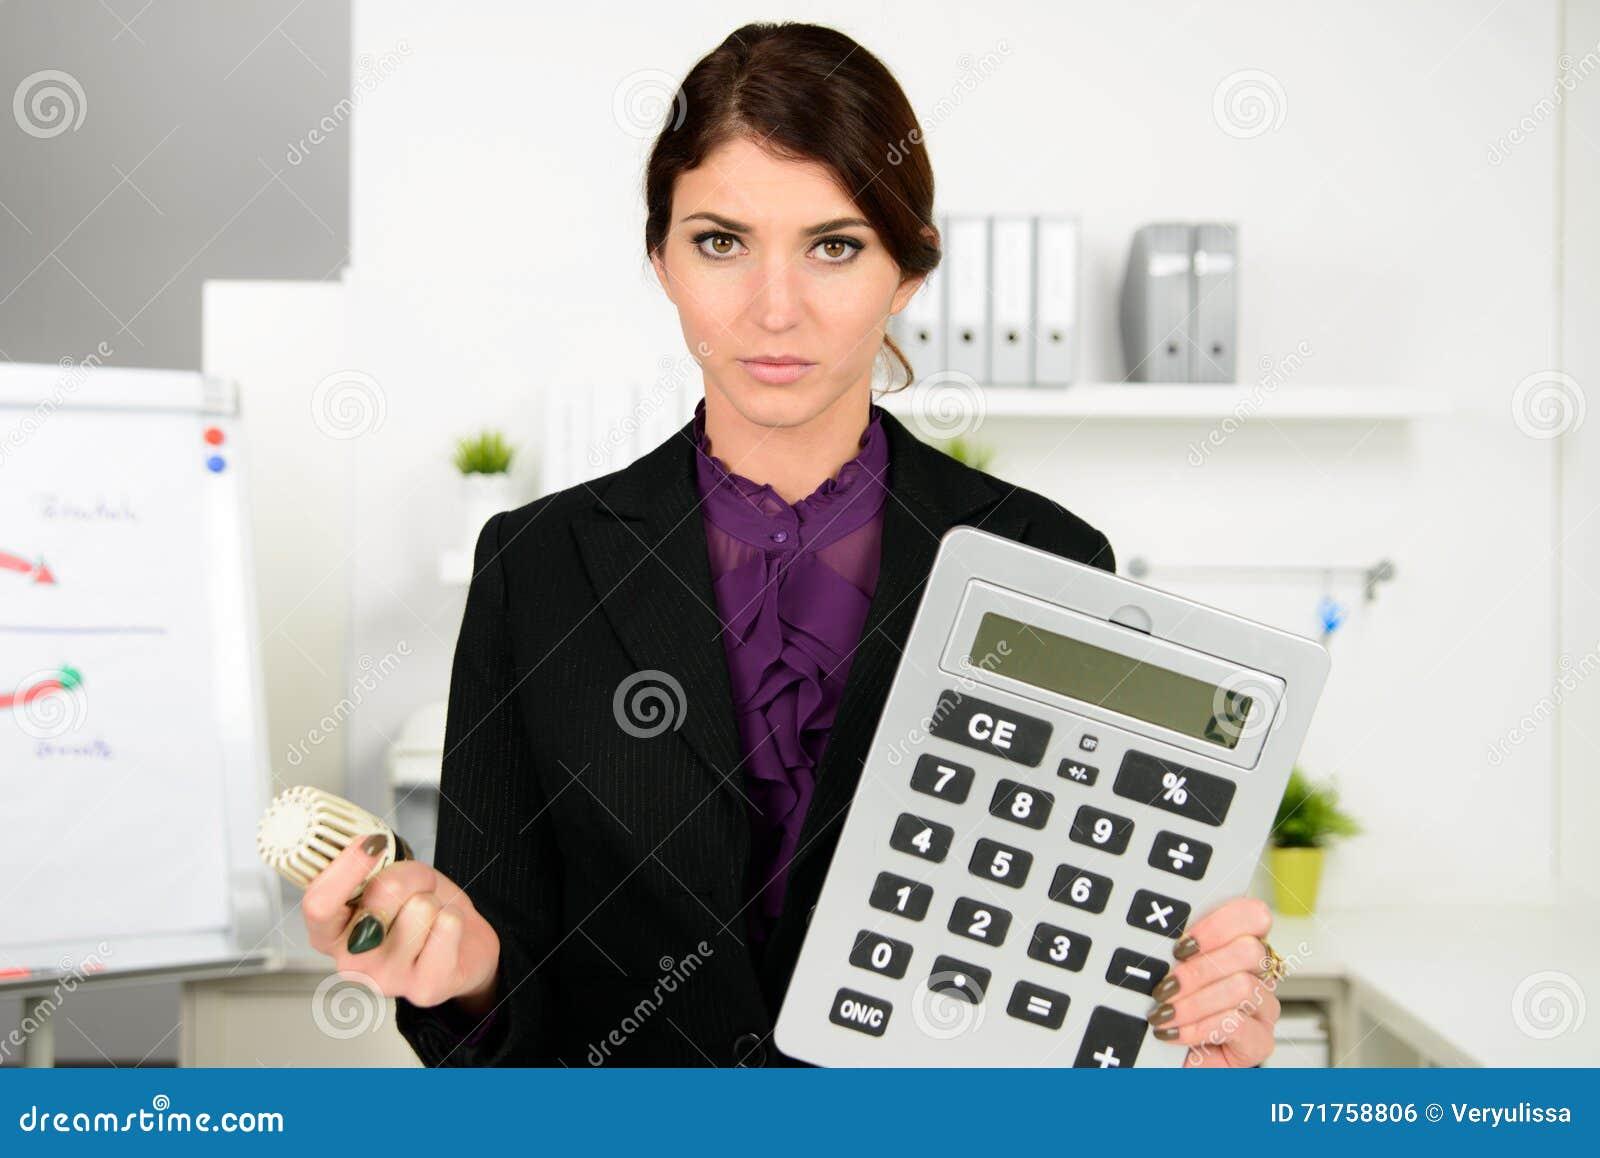 Όμορφη ανησυχία επιχειρησιακών γυναικών για τις δαπάνες θέρμανσης